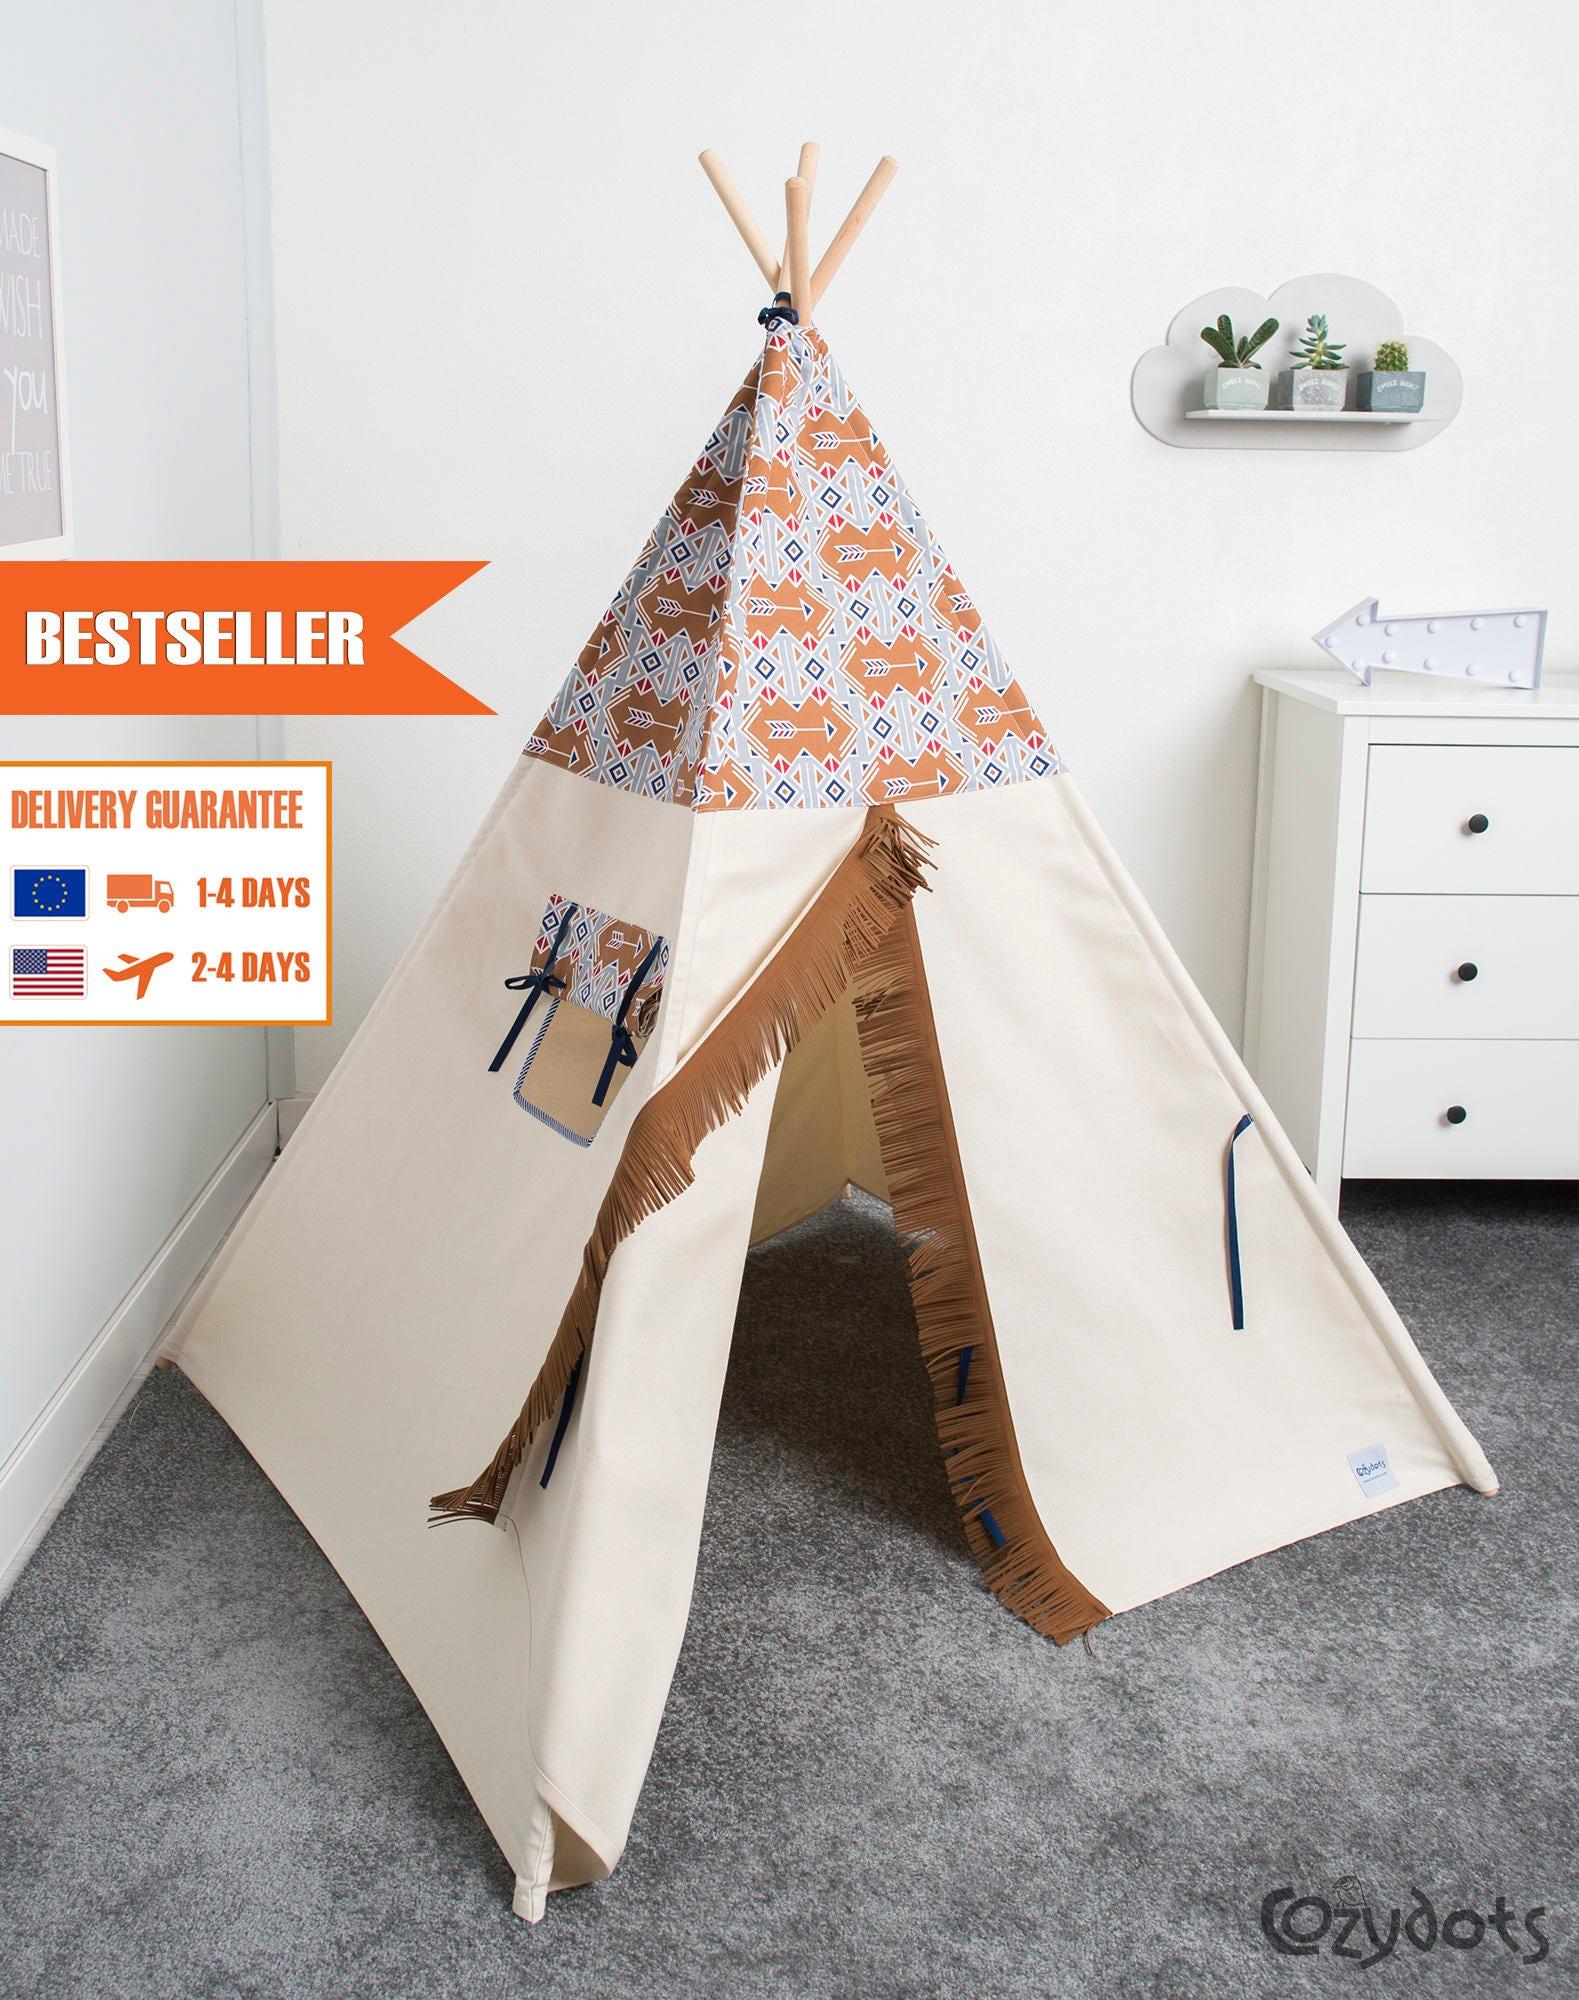 kinder tipi zelt spielen kinder tipi zelt tipi tipi zelt etsy. Black Bedroom Furniture Sets. Home Design Ideas